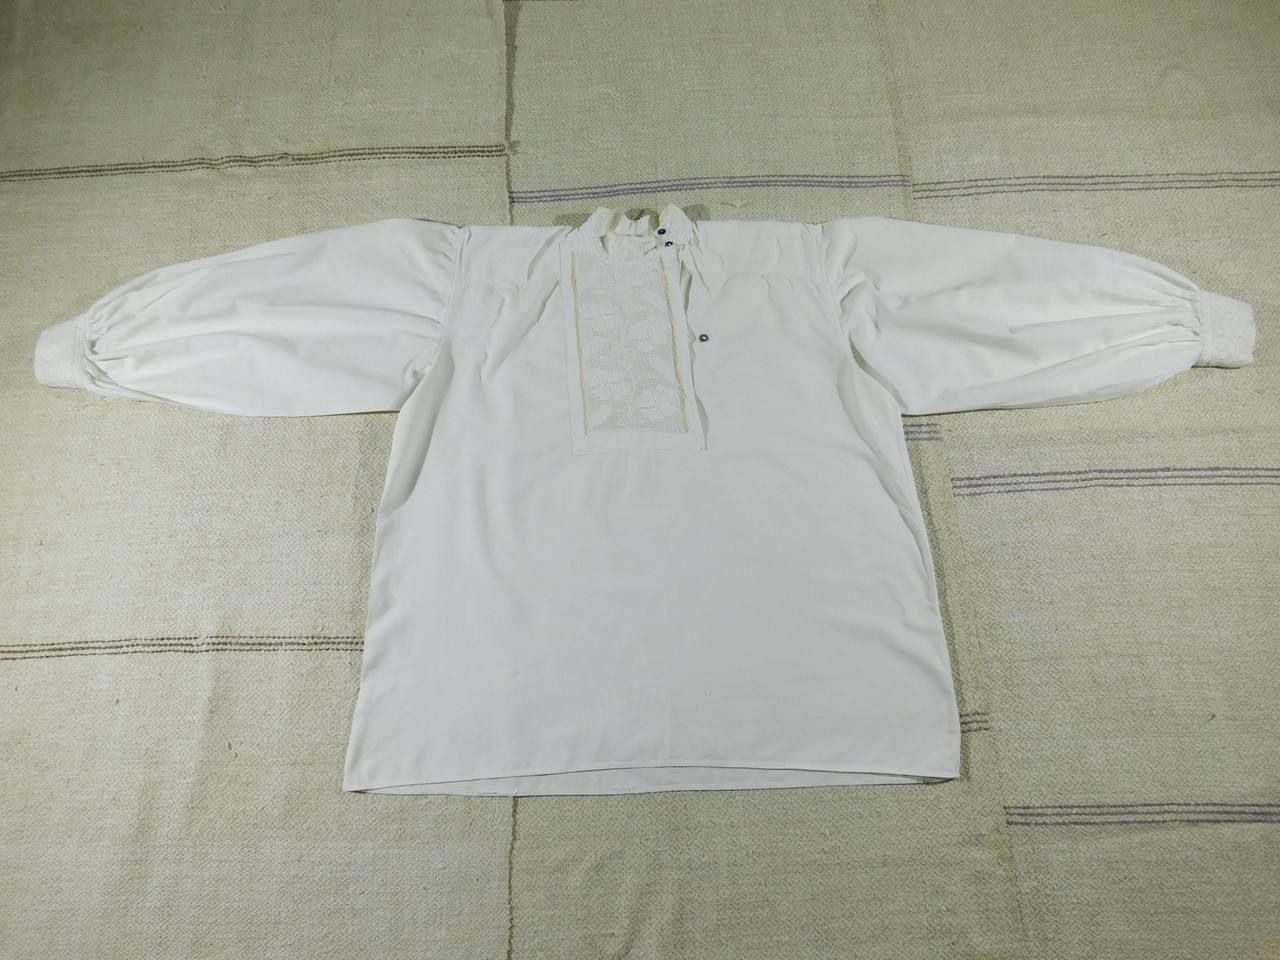 Чоловіча лляна сорочка вишита мережкою. ЧВ-60  продажа faa096f68da63